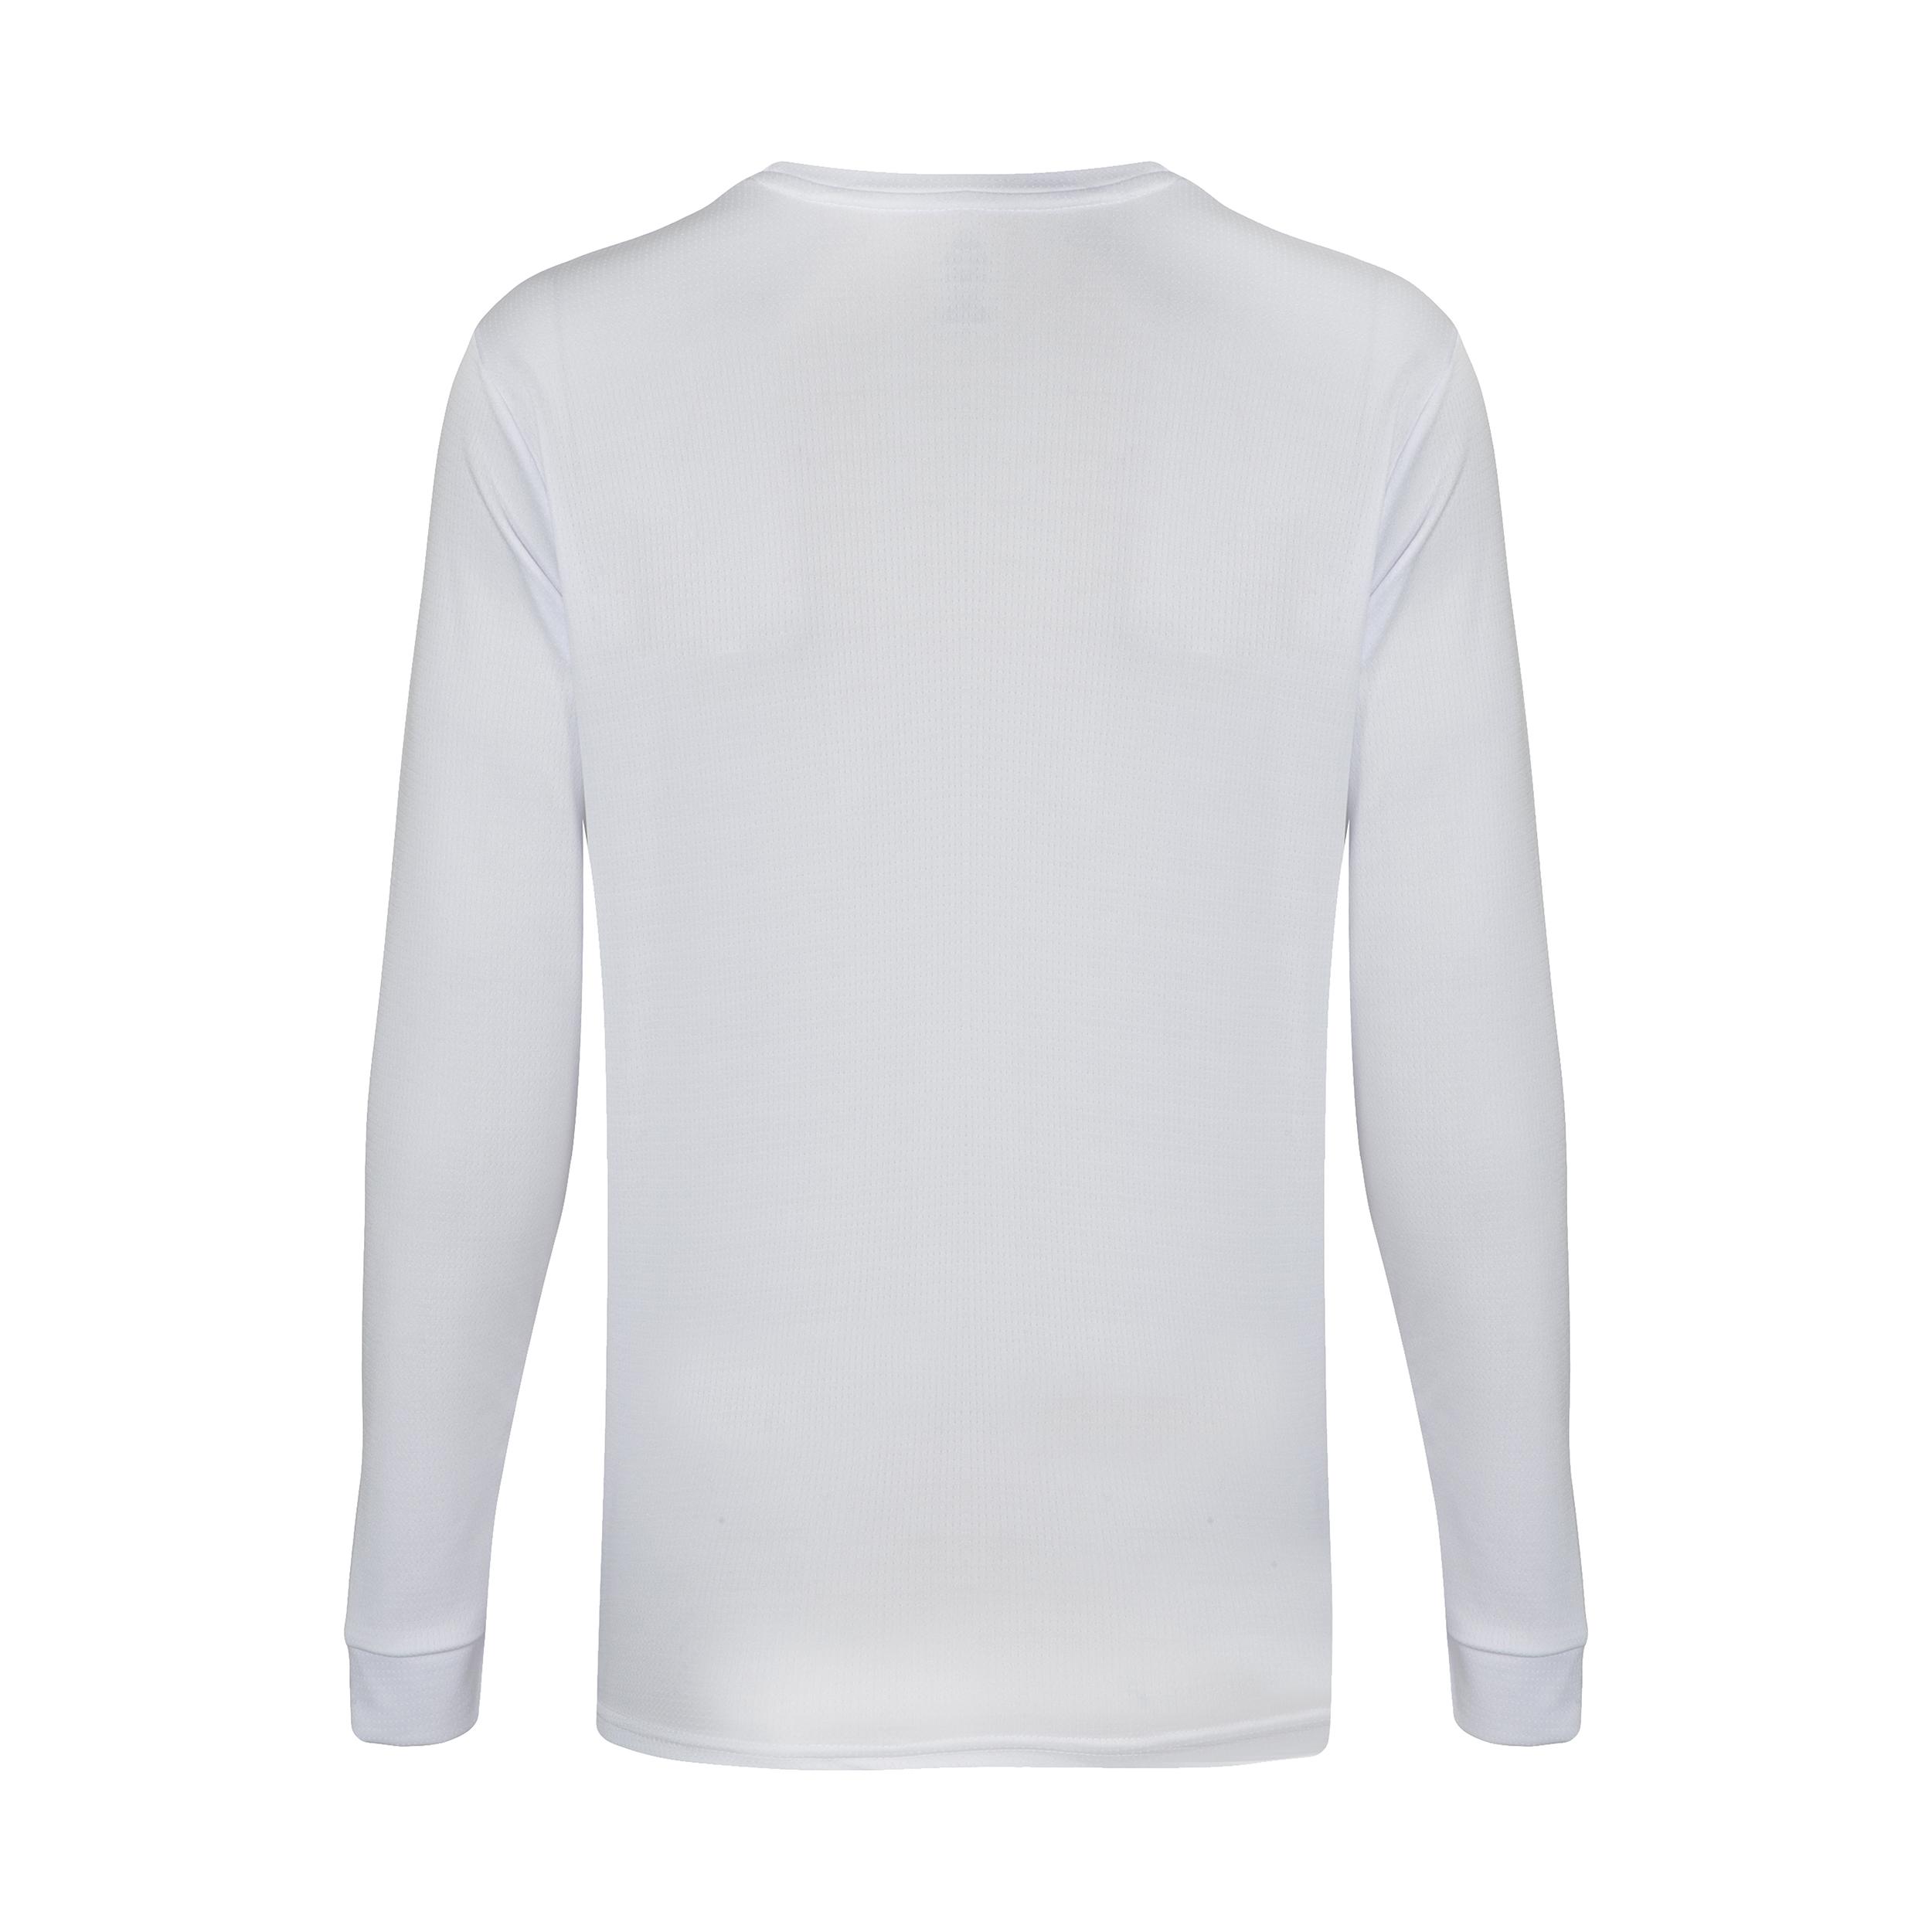 ست تی شرت و شلوار ورزشی پسرانه طرح رئال مادرید مدل 2021                     غیر اصل